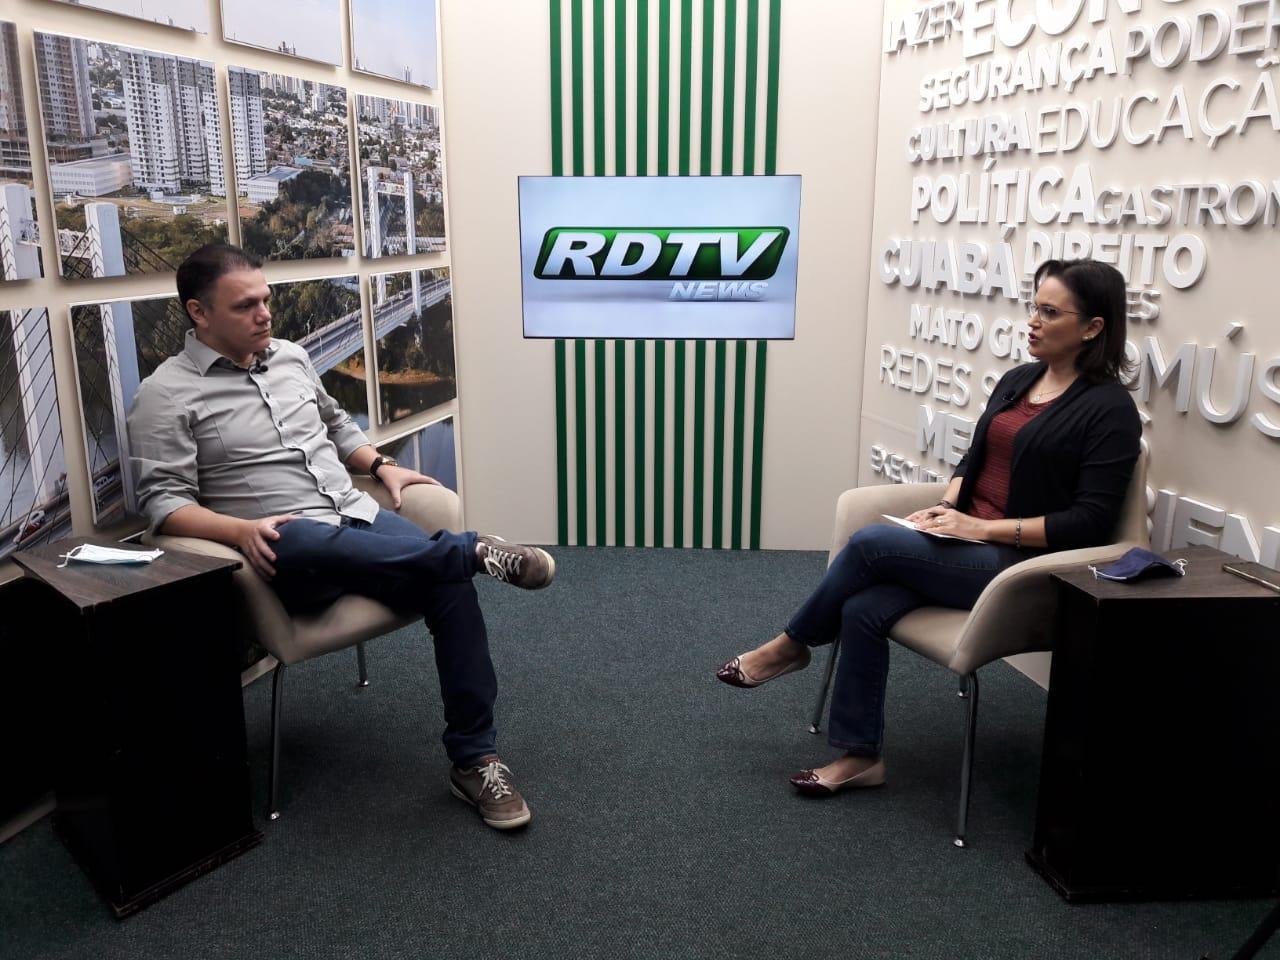 Entrevista para RDTV